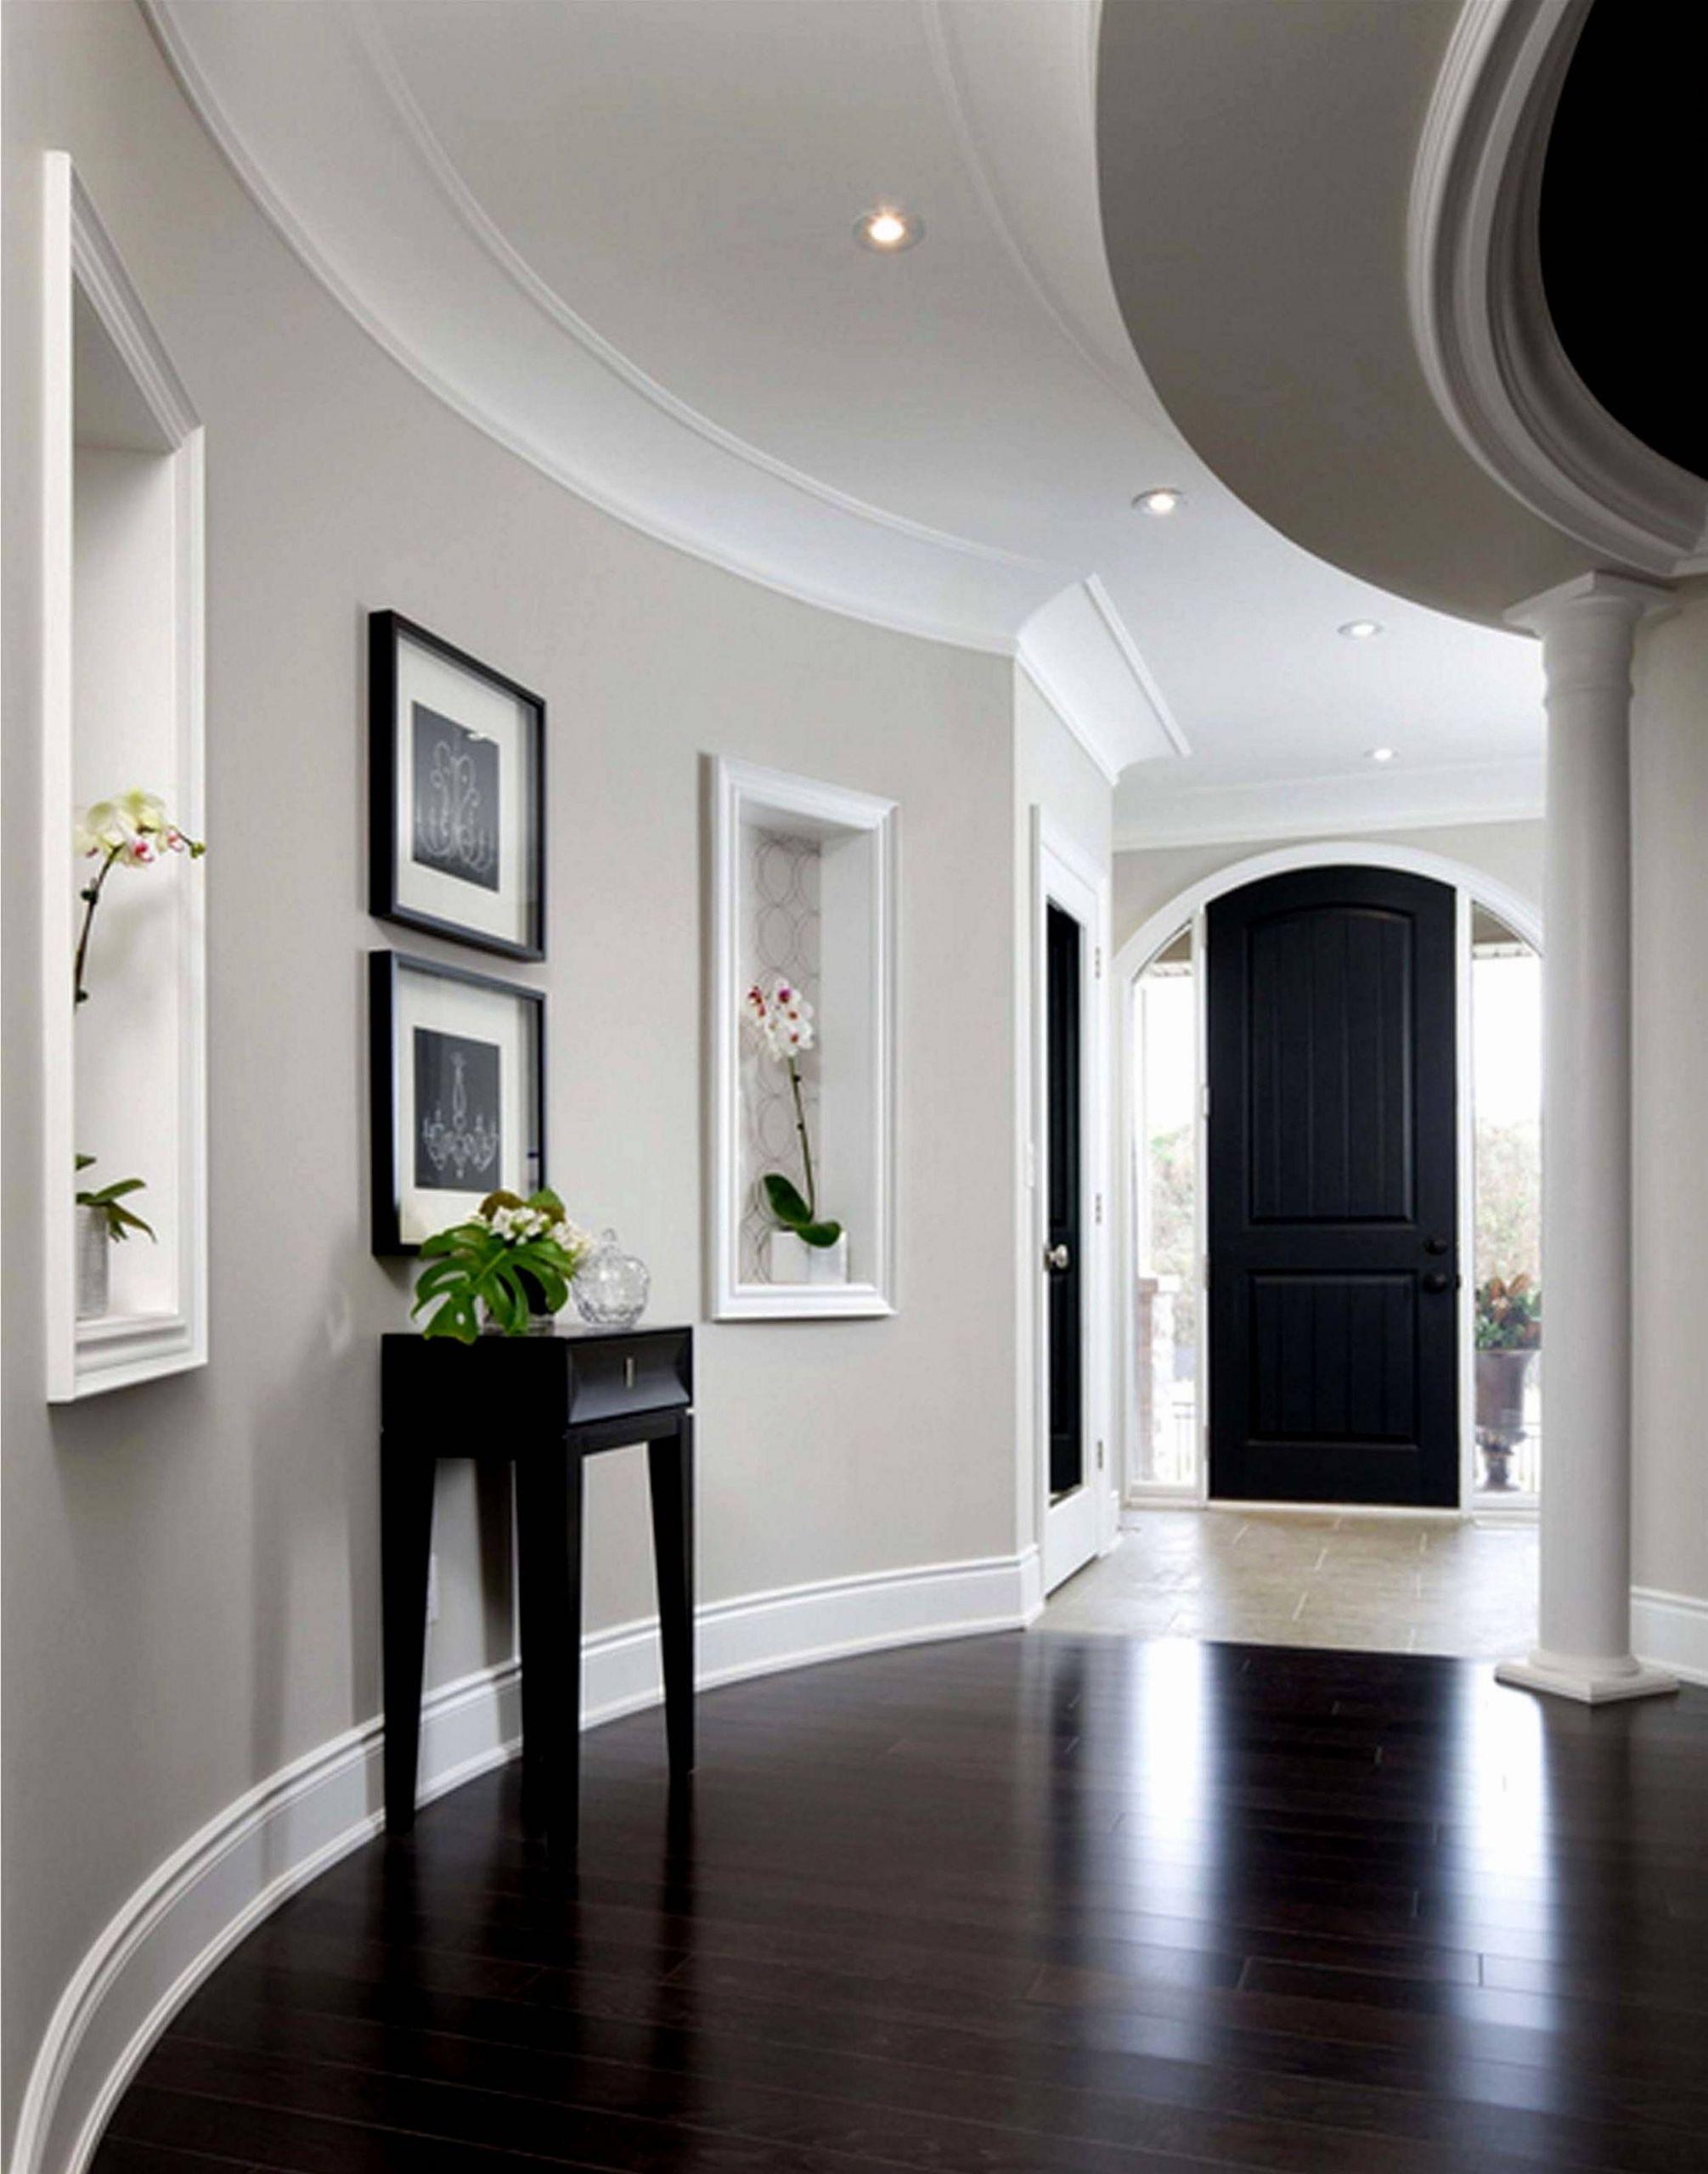 gray hardwood floor colors of exquisite dark wood floor living room on grey walls hardwood floors in exquisite dark wood floor living room on grey walls hardwood floors podemosleganes